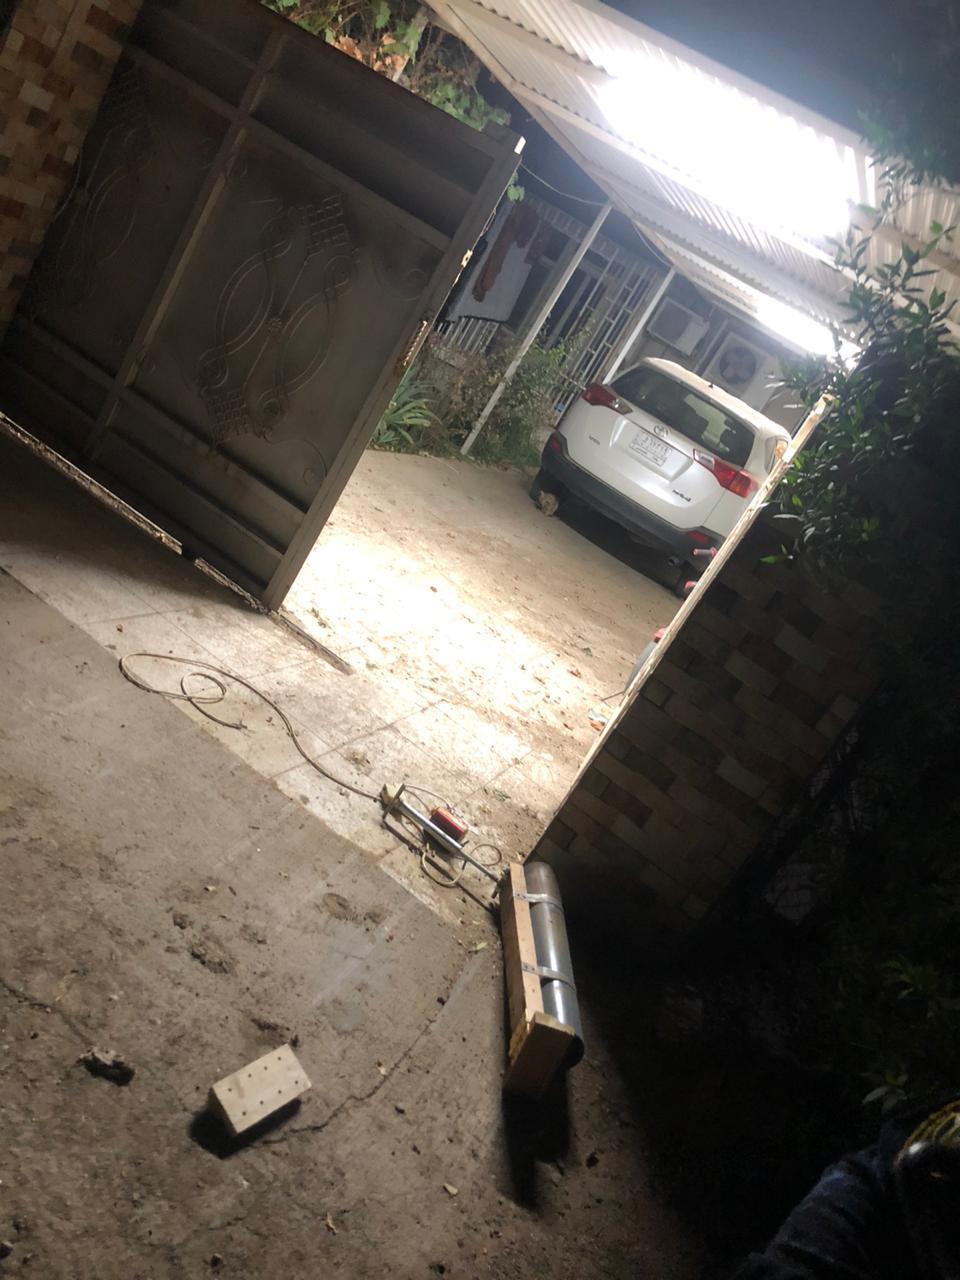 الاعلام الأمني: صاروخ الكاتيوشا تسبب بحرق عجلة مدنية في الجادرية